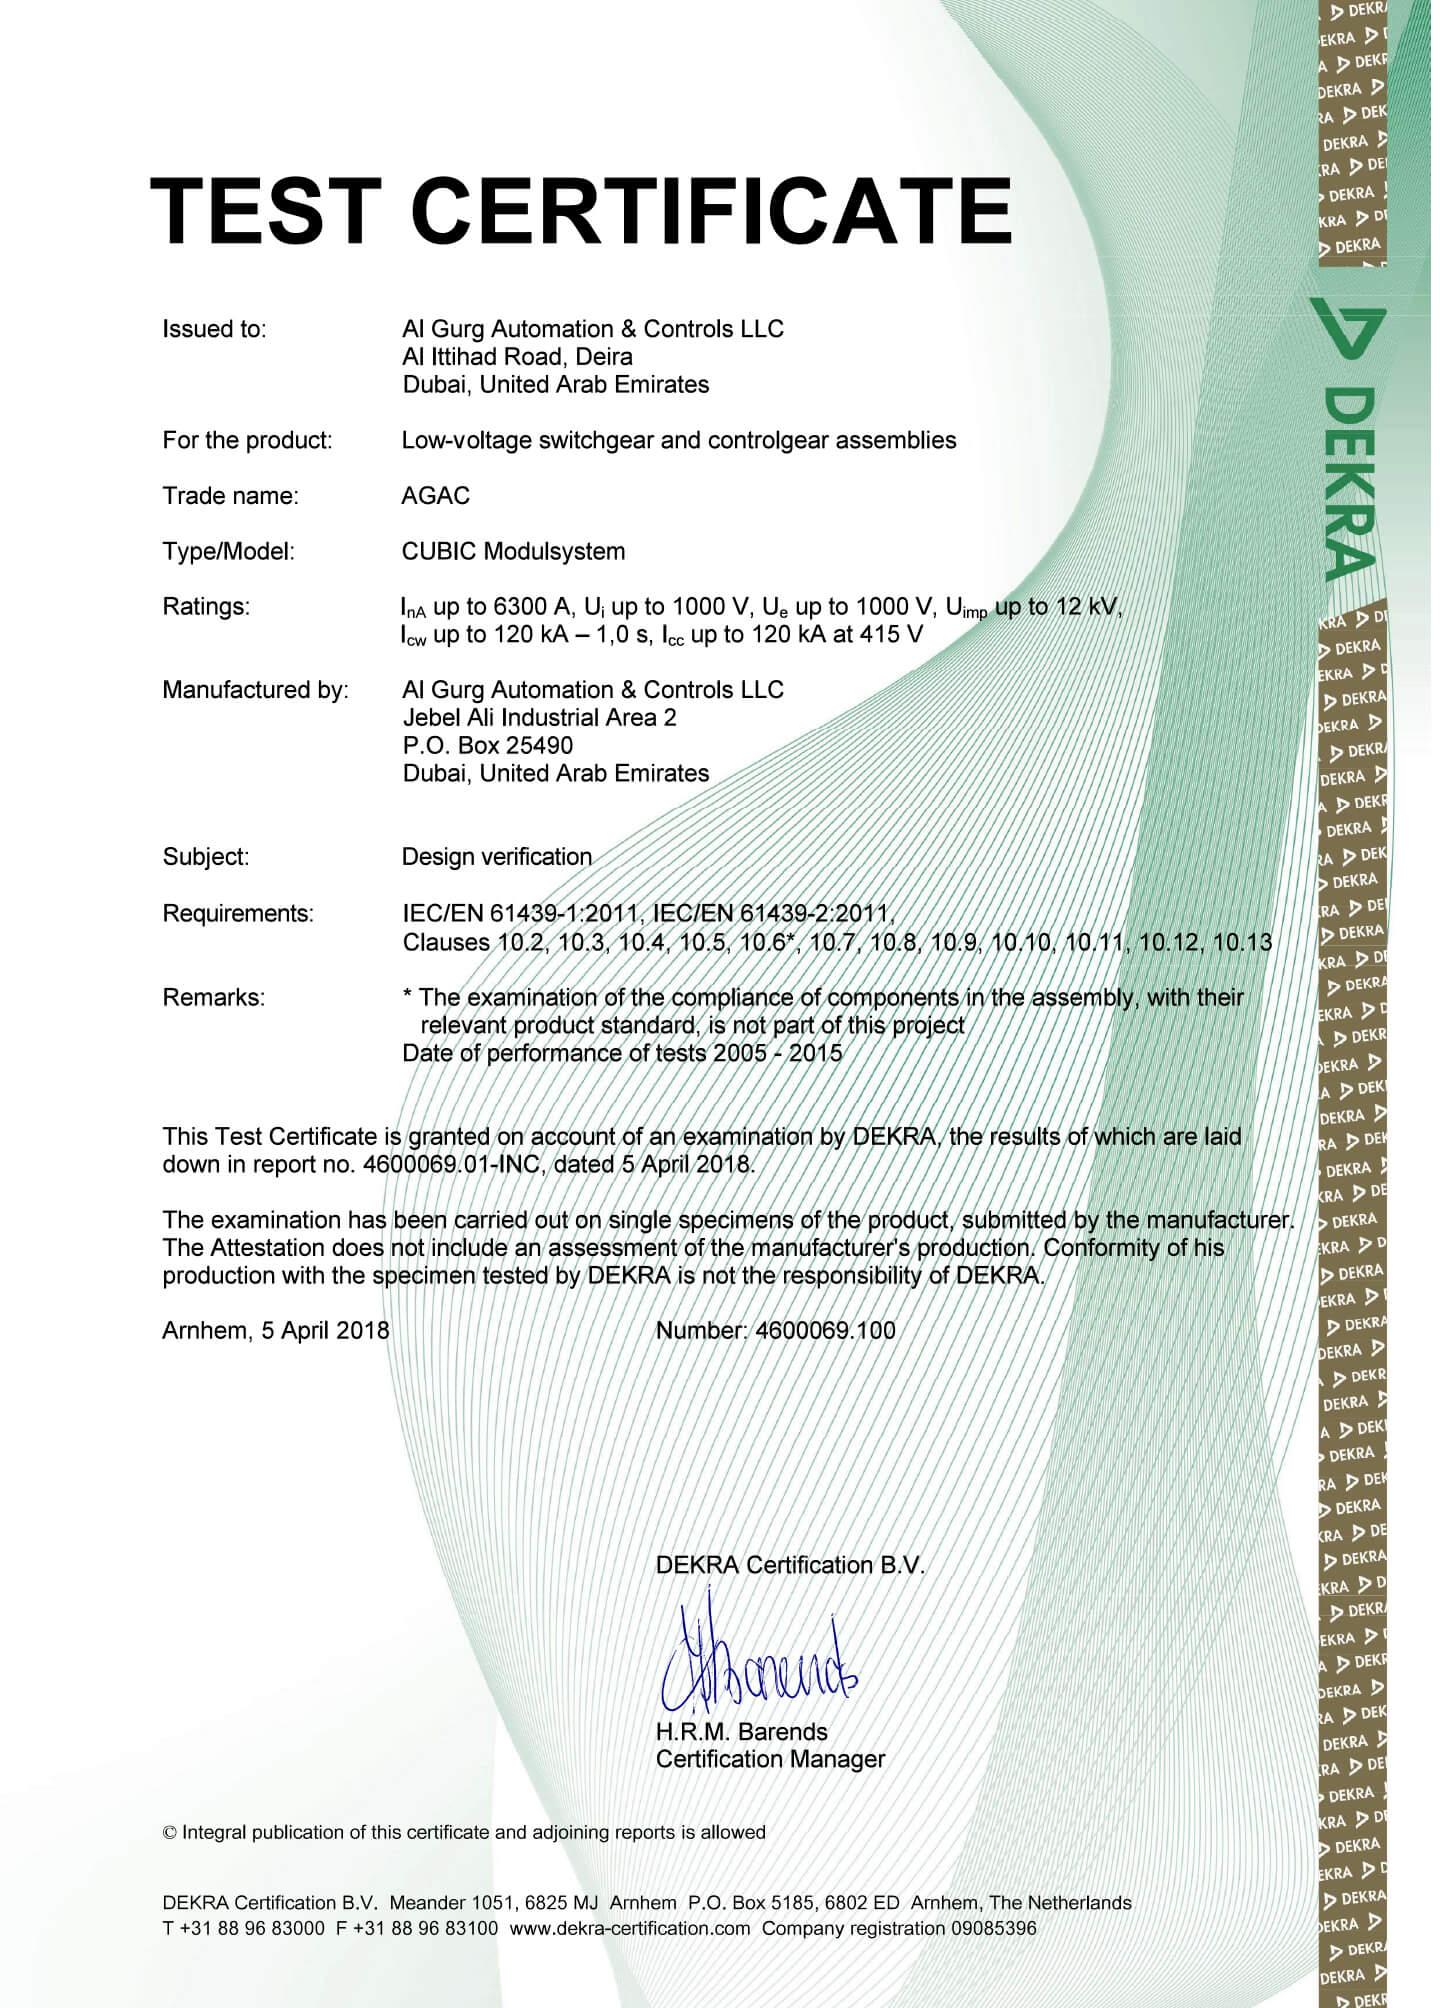 Dekra certificate thumbnail.jpg